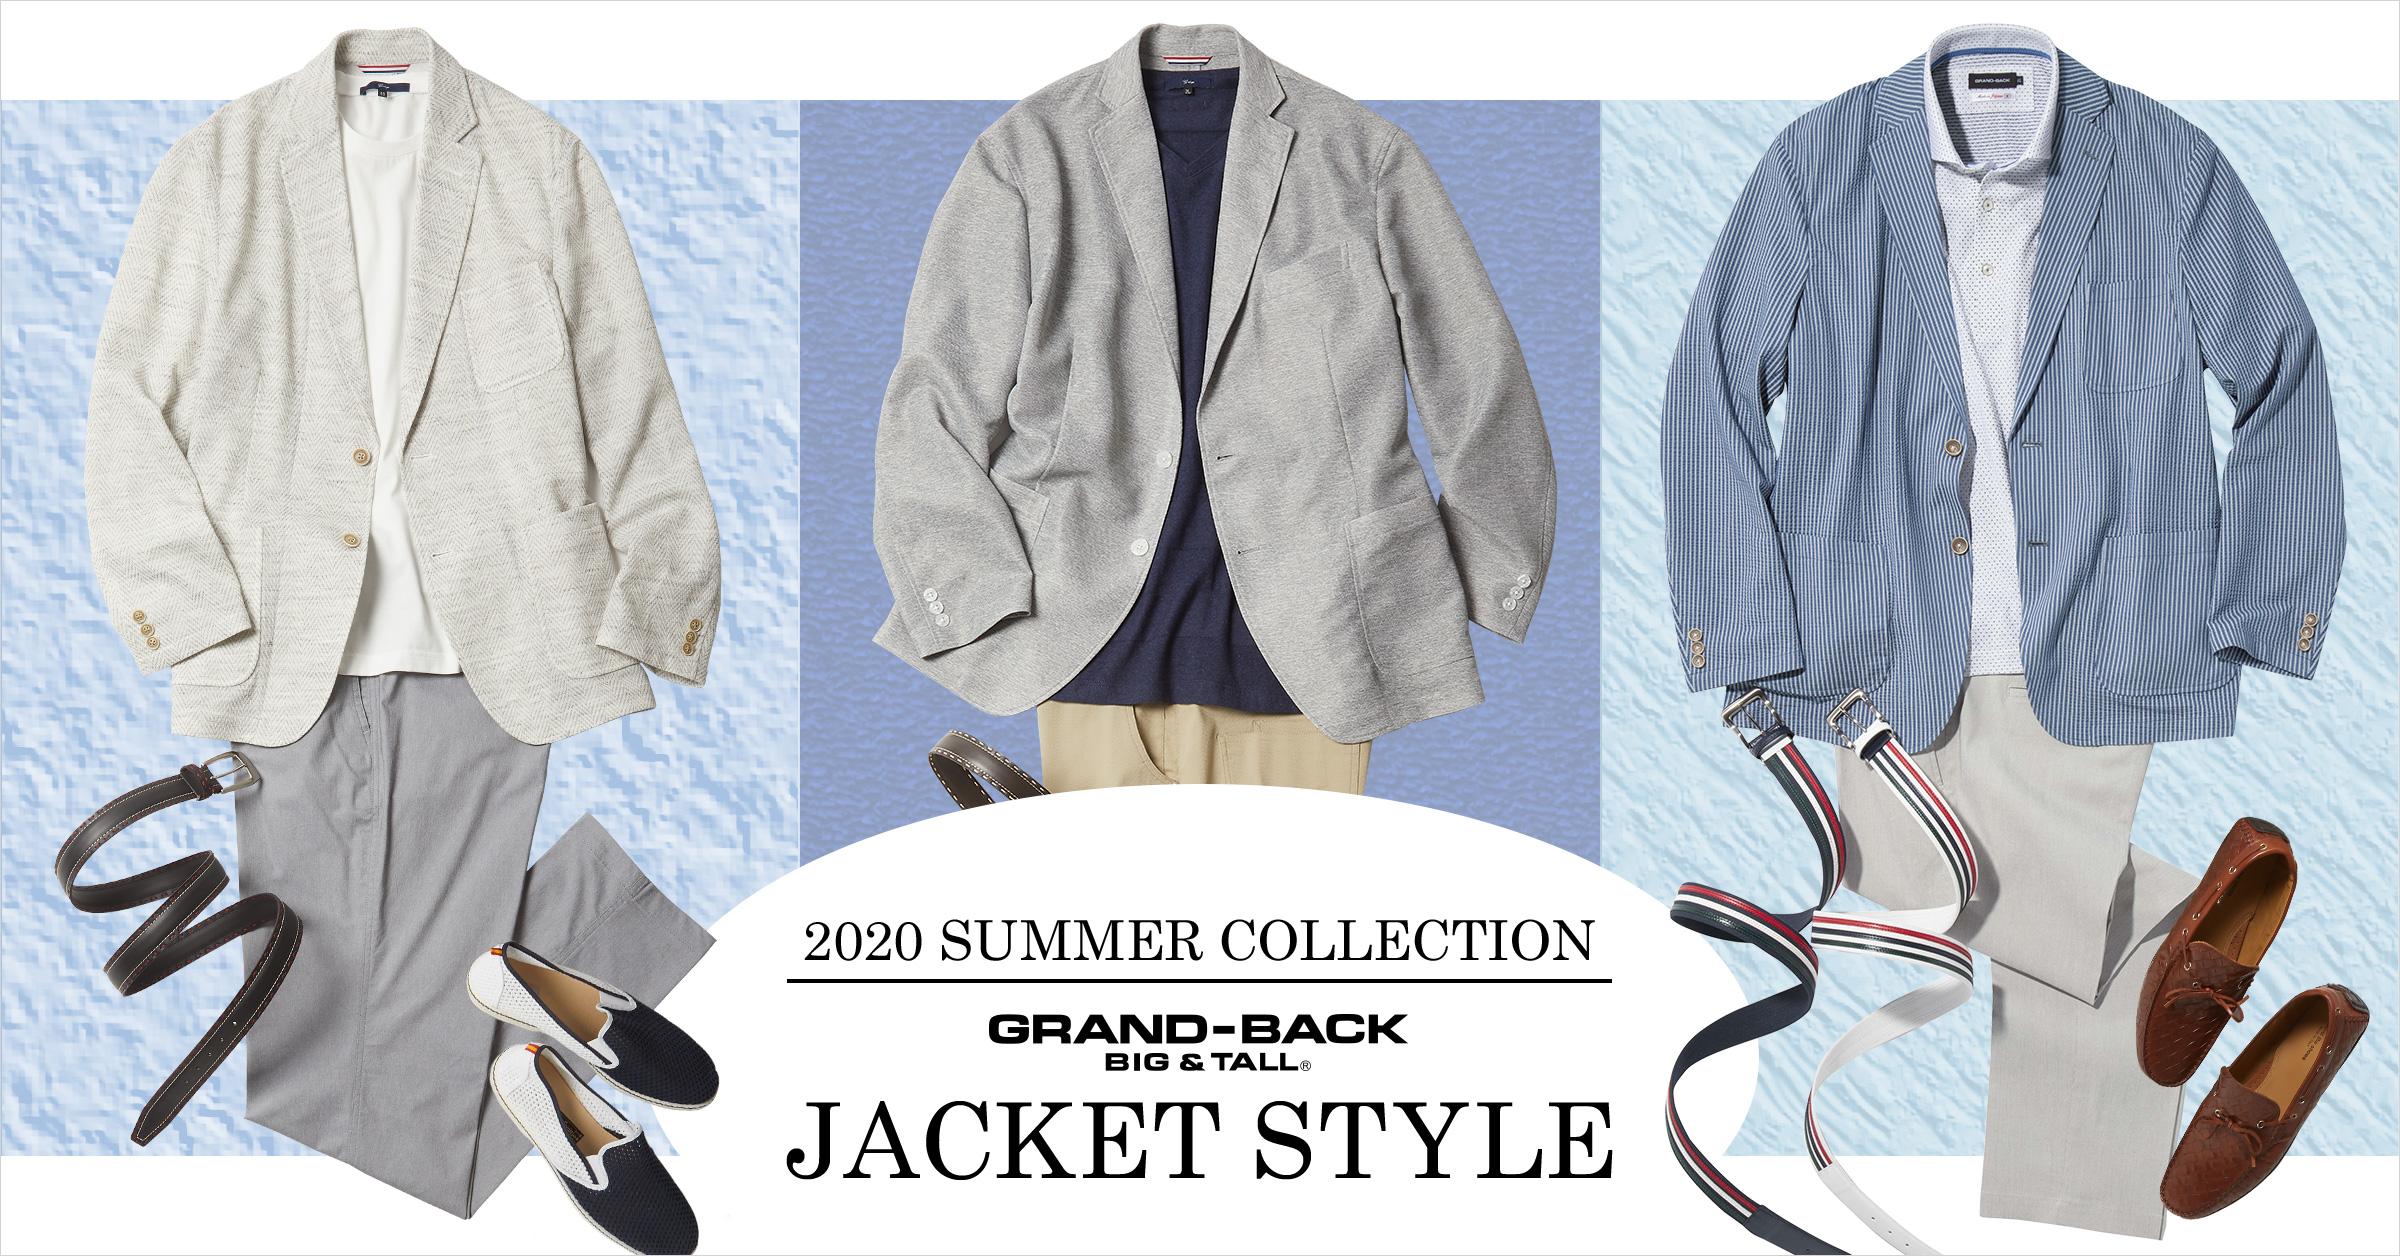 2020 Summer Jacket style